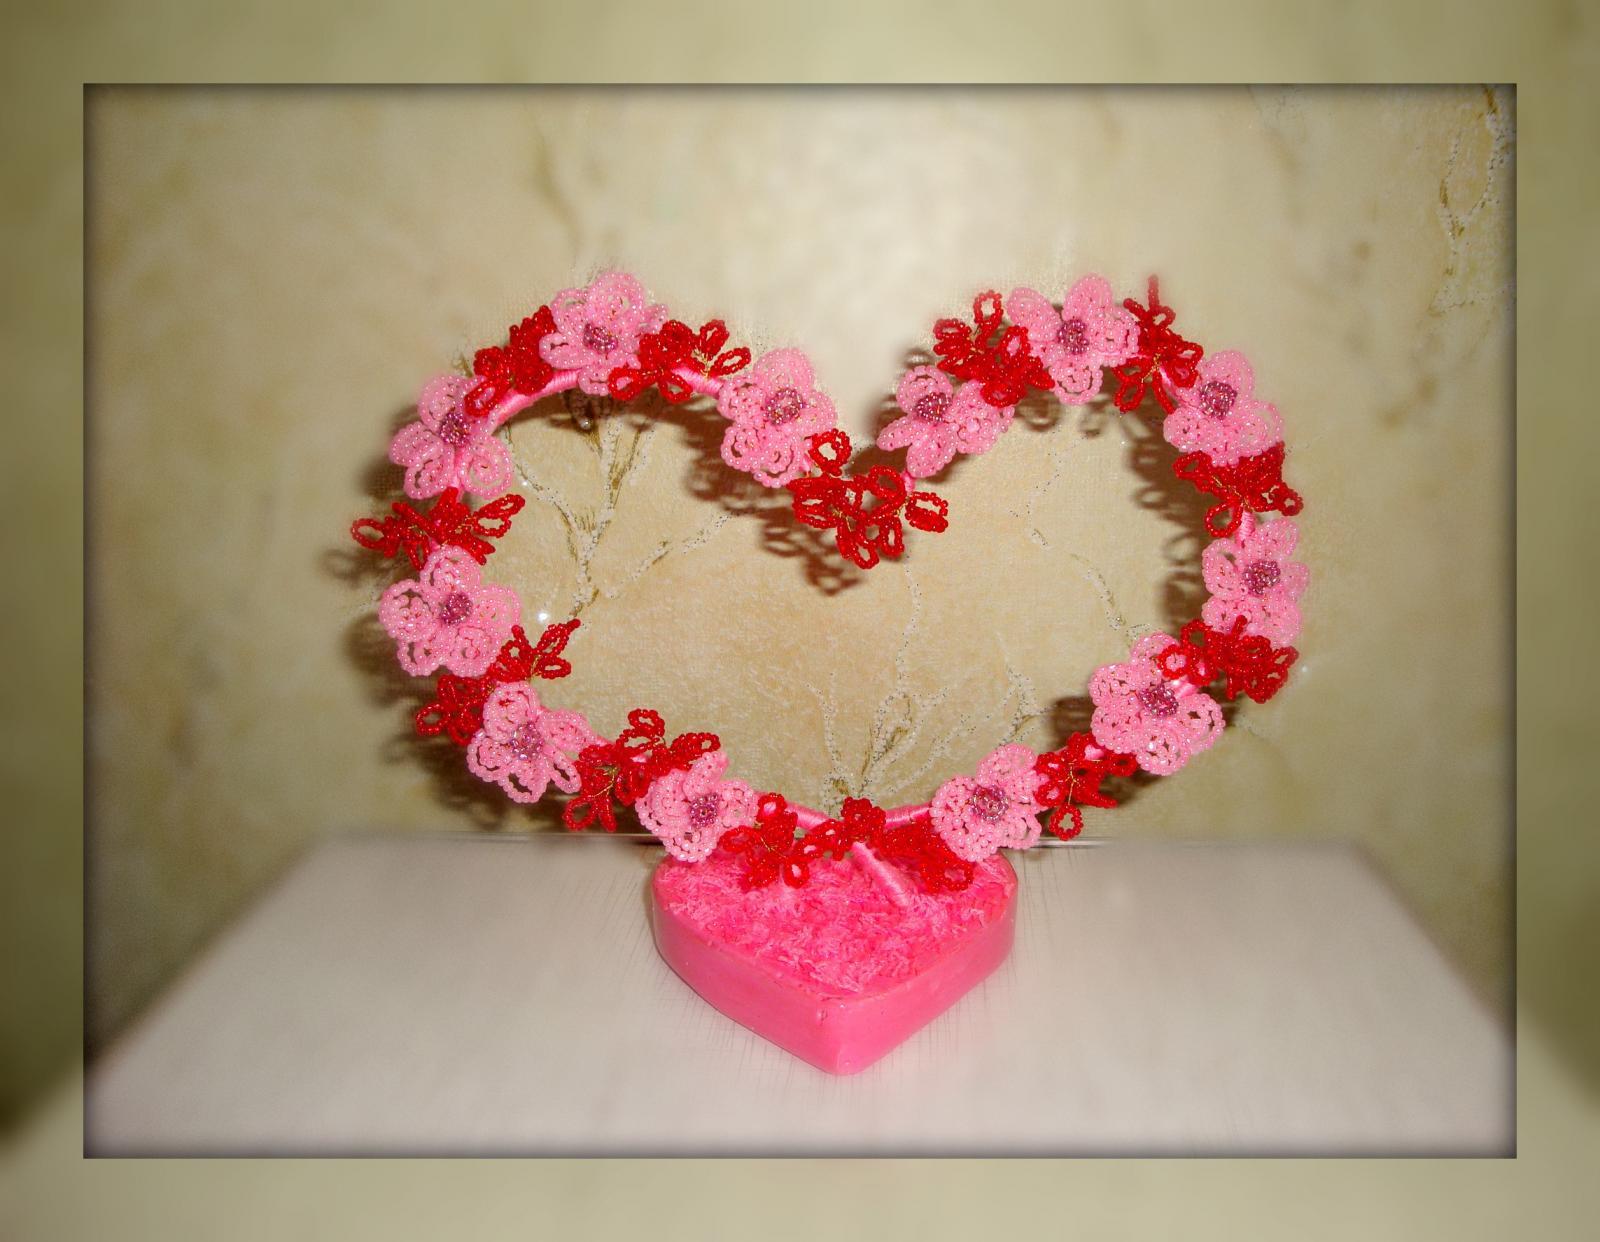 Валентинки на 14 февраля. Красивые и оригинальные сердечки ко Дню Всех Влюбленных своими руками этап 38